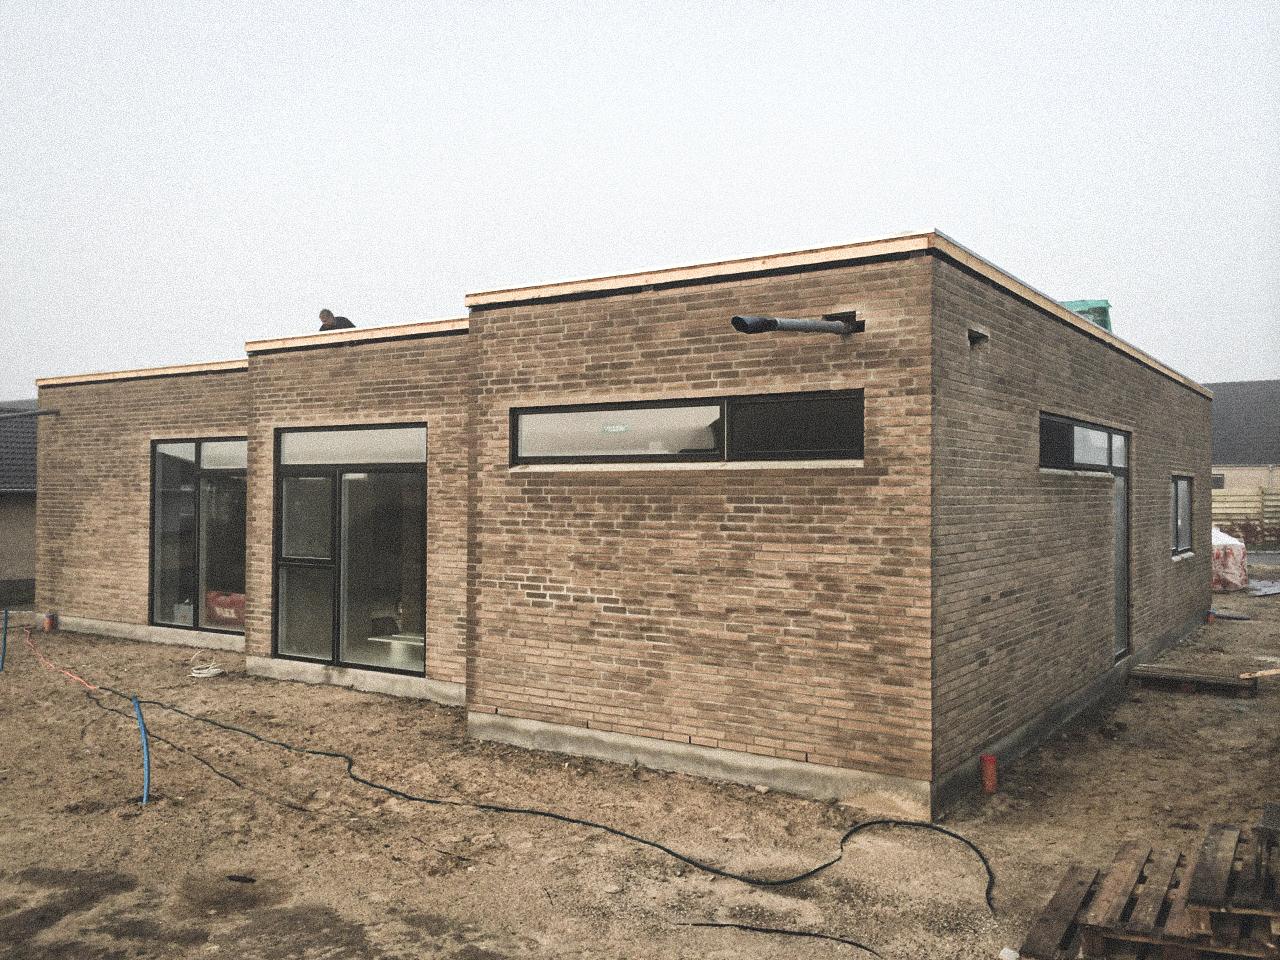 Billede af et igangværende byggeri i Lystrup, tegnet af arkitektfirmaet m2plus.